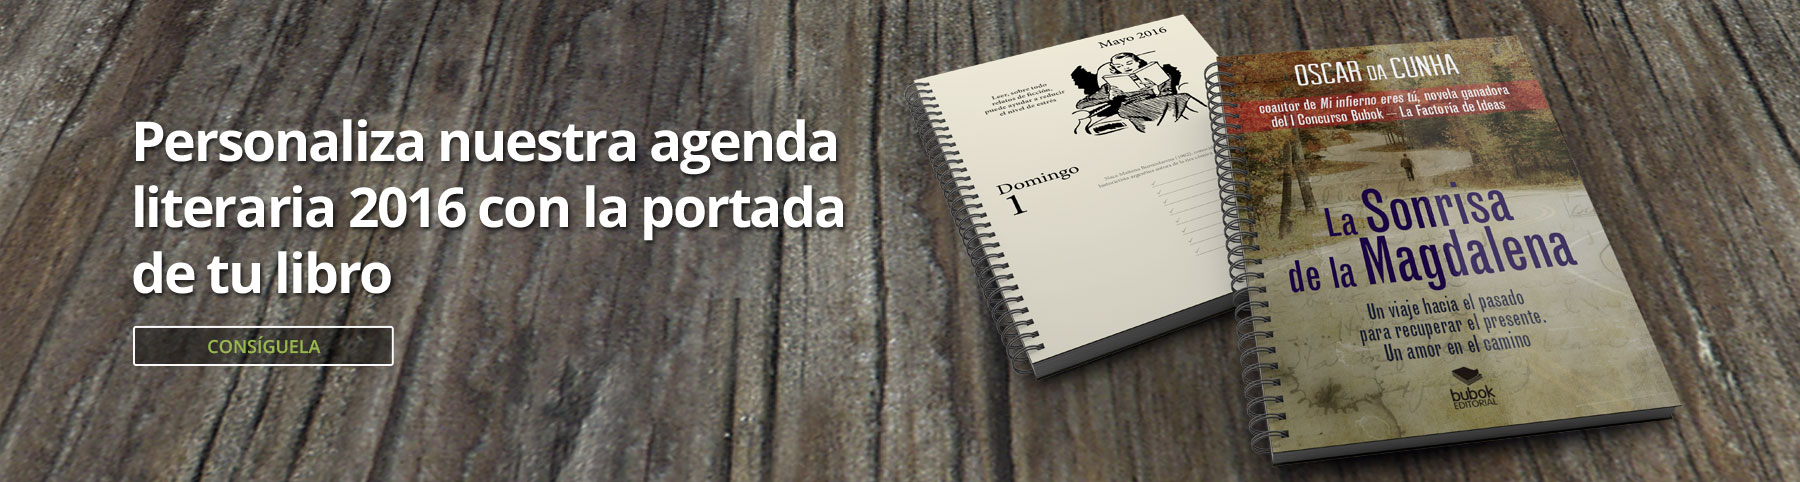 http://www.bubok.com.mx/blog/promociona-libro-la-agenda-personalizada-bubok-2016/